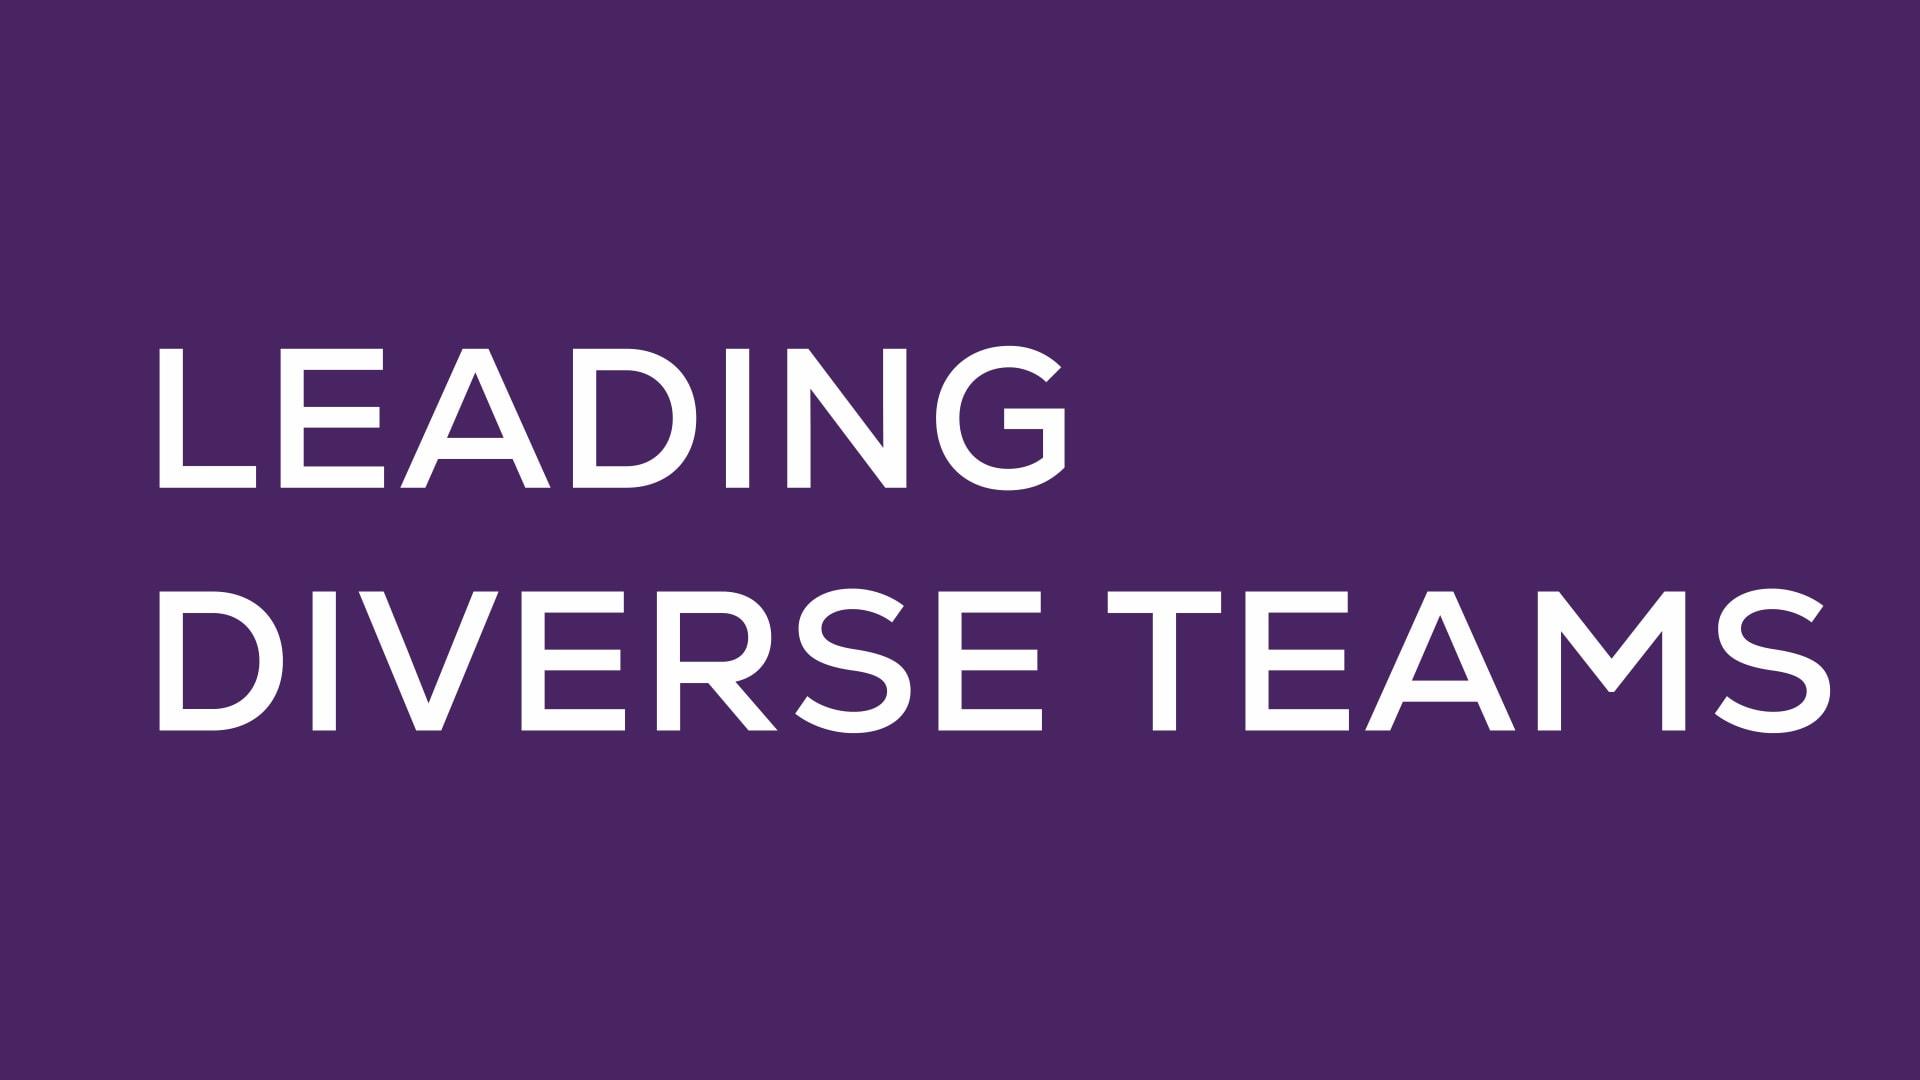 Leading Diverse Teams